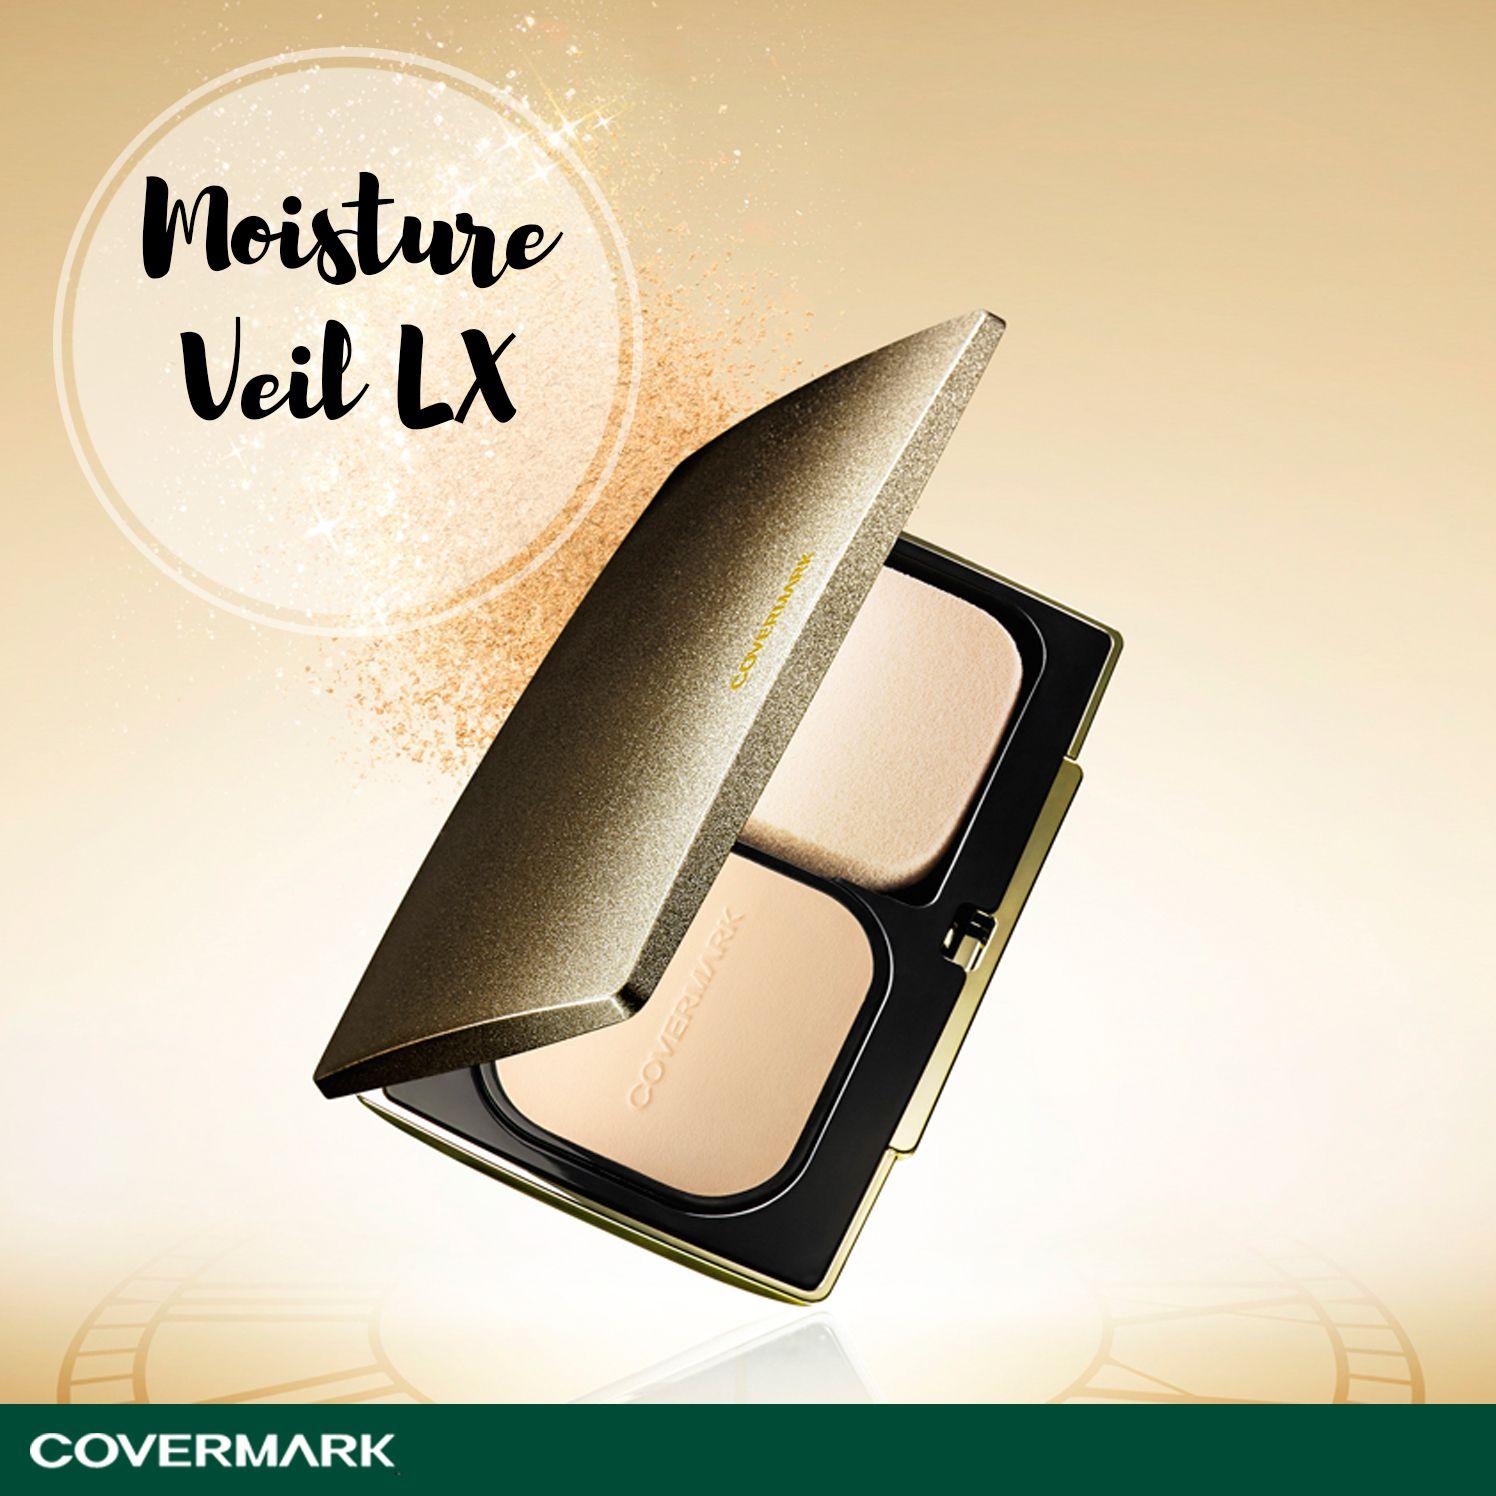 Moisture Veil LX Mengandung 2 jenis powder dengan